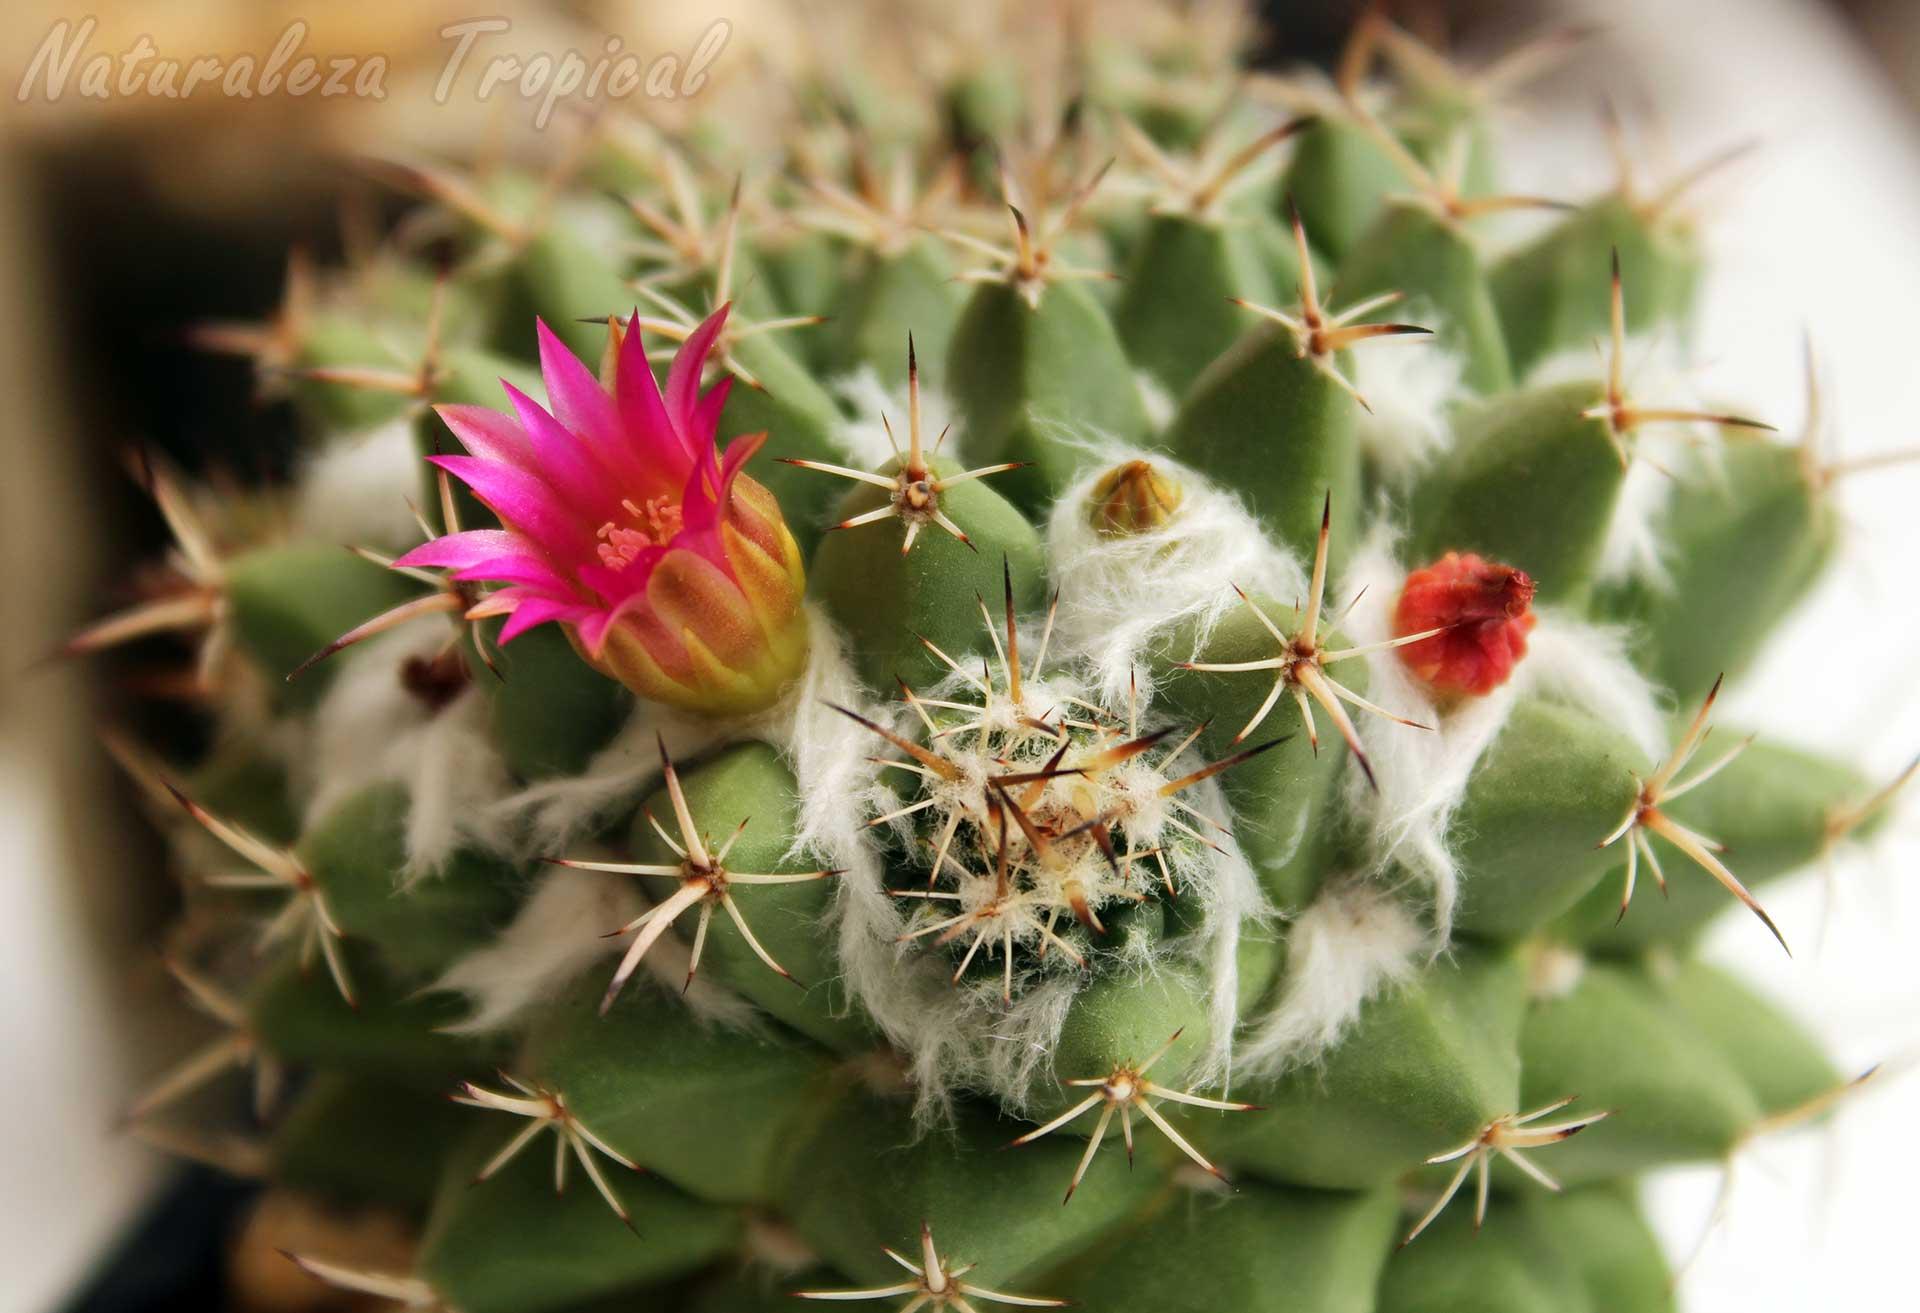 Flor e hijuelo en el cactus Biznaga de Chilitos, Mammillaria magnimamma